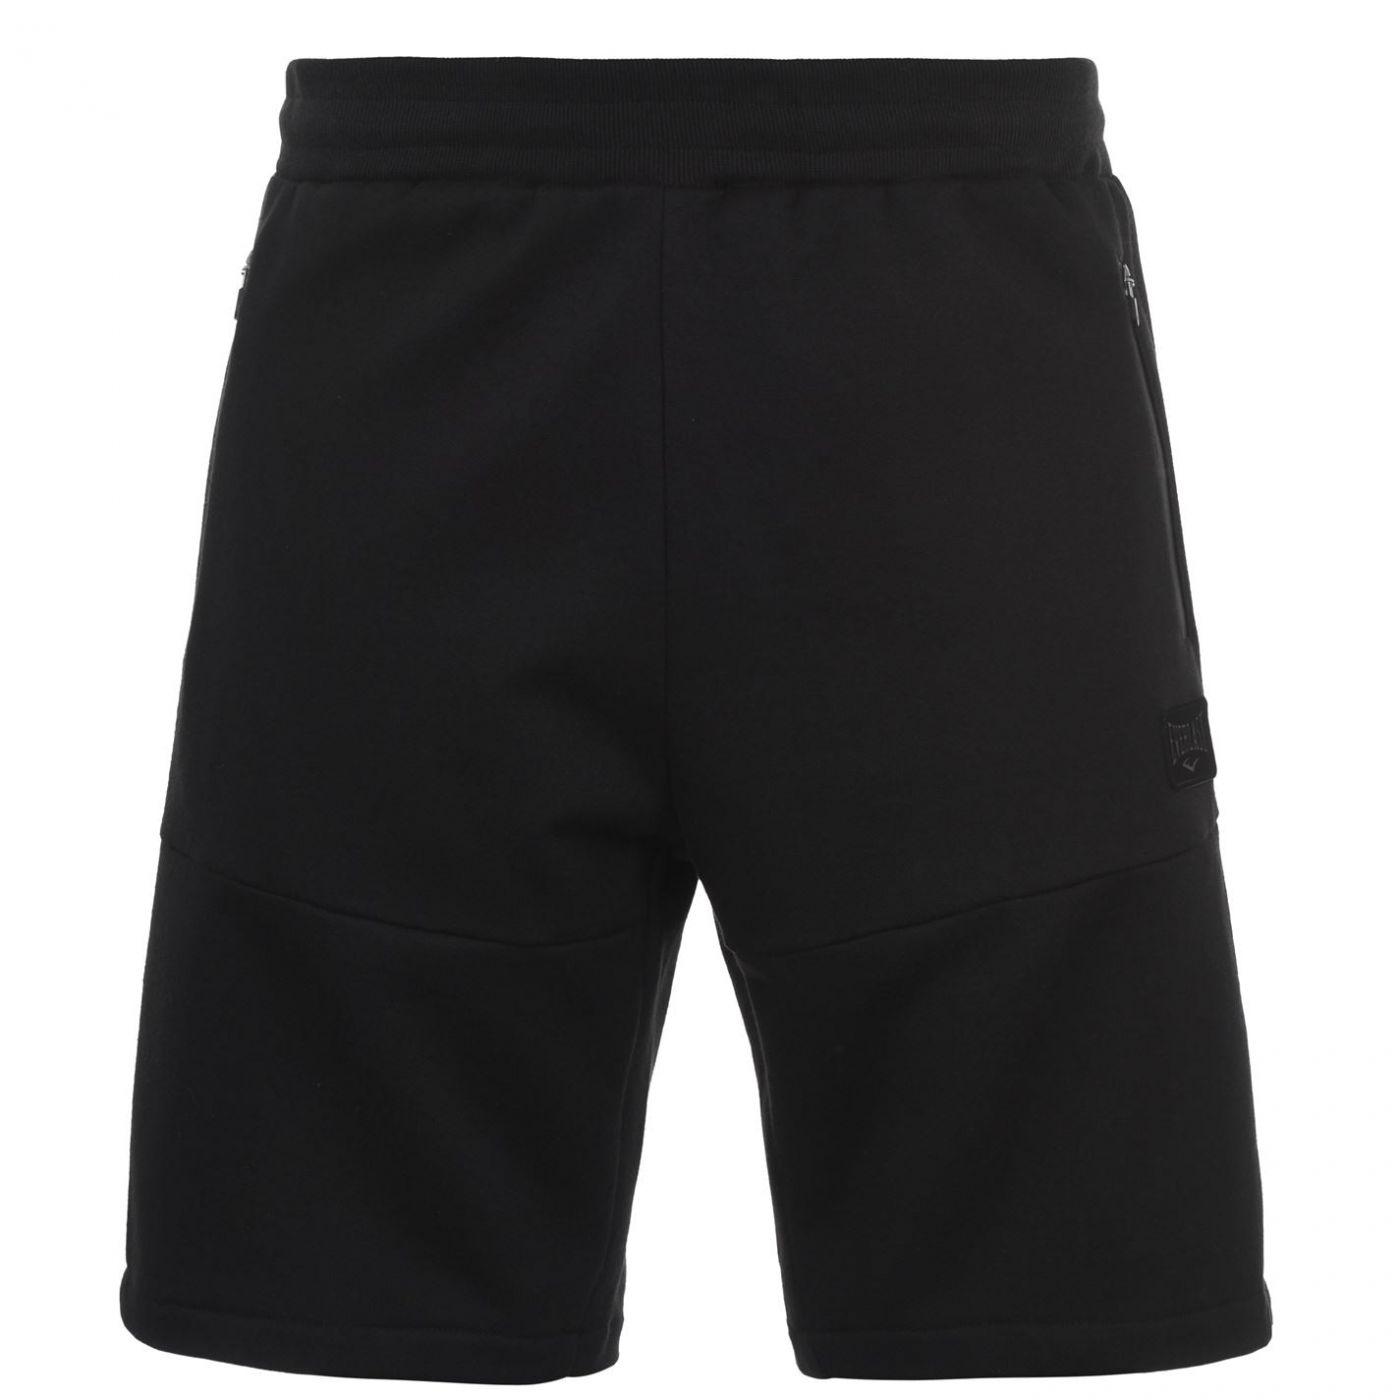 Everlast Premium Shorts Mens